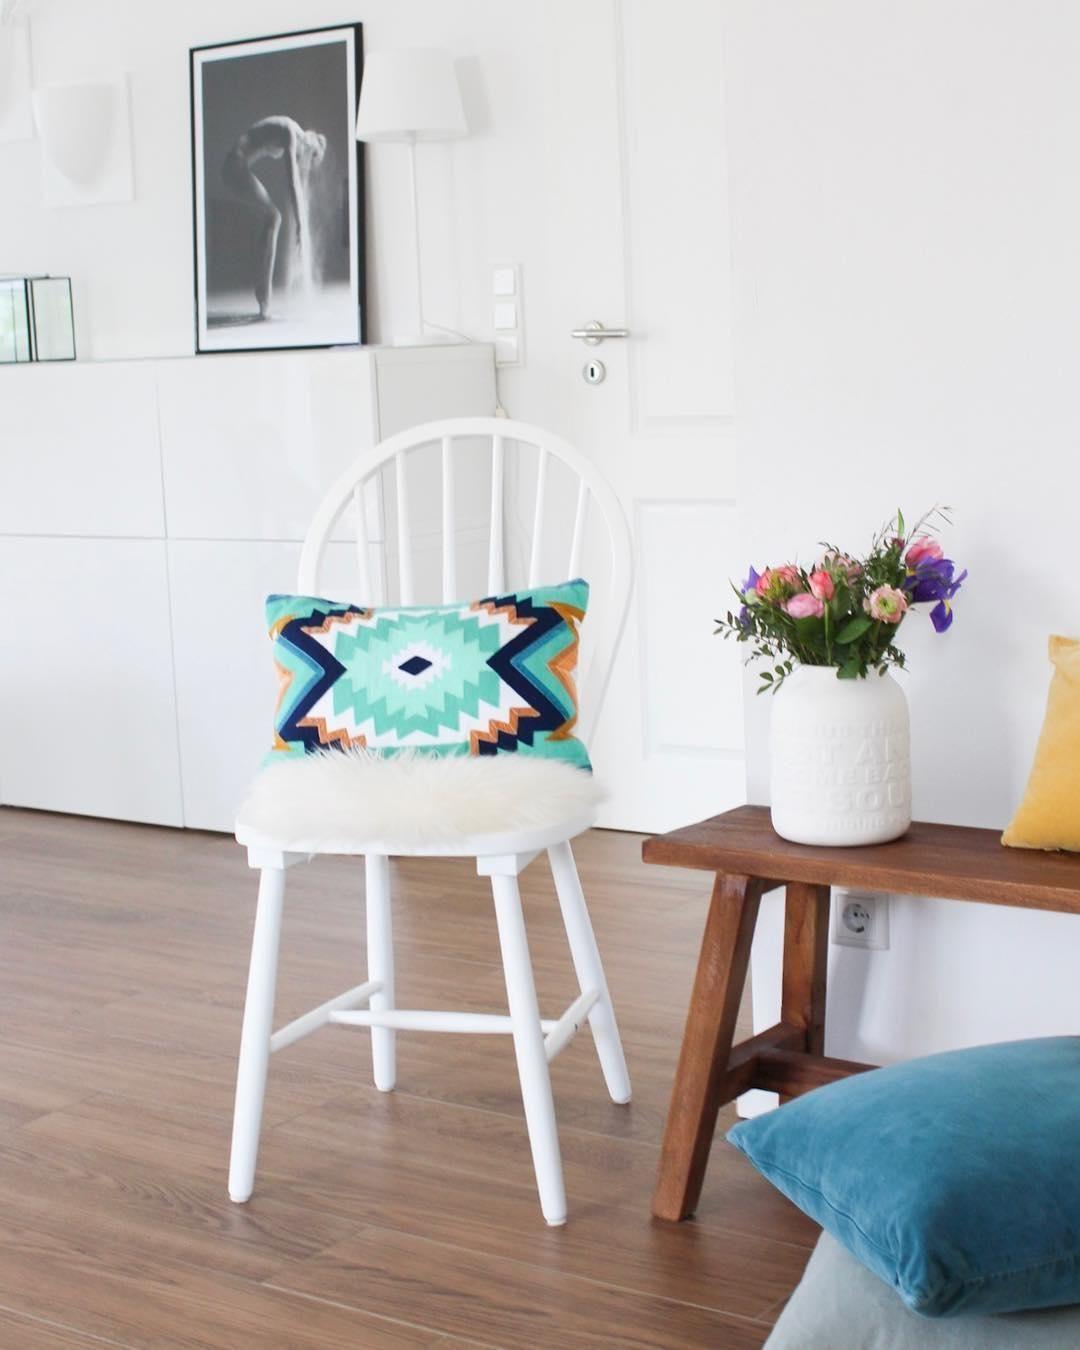 Gonne Dir Ein Wenig Luxus Die Tibetische Lammfell Sitzauflage Martha Eignet Sich Hervorragend Als Kuscheliges Sit Decor Home Decor Furniture